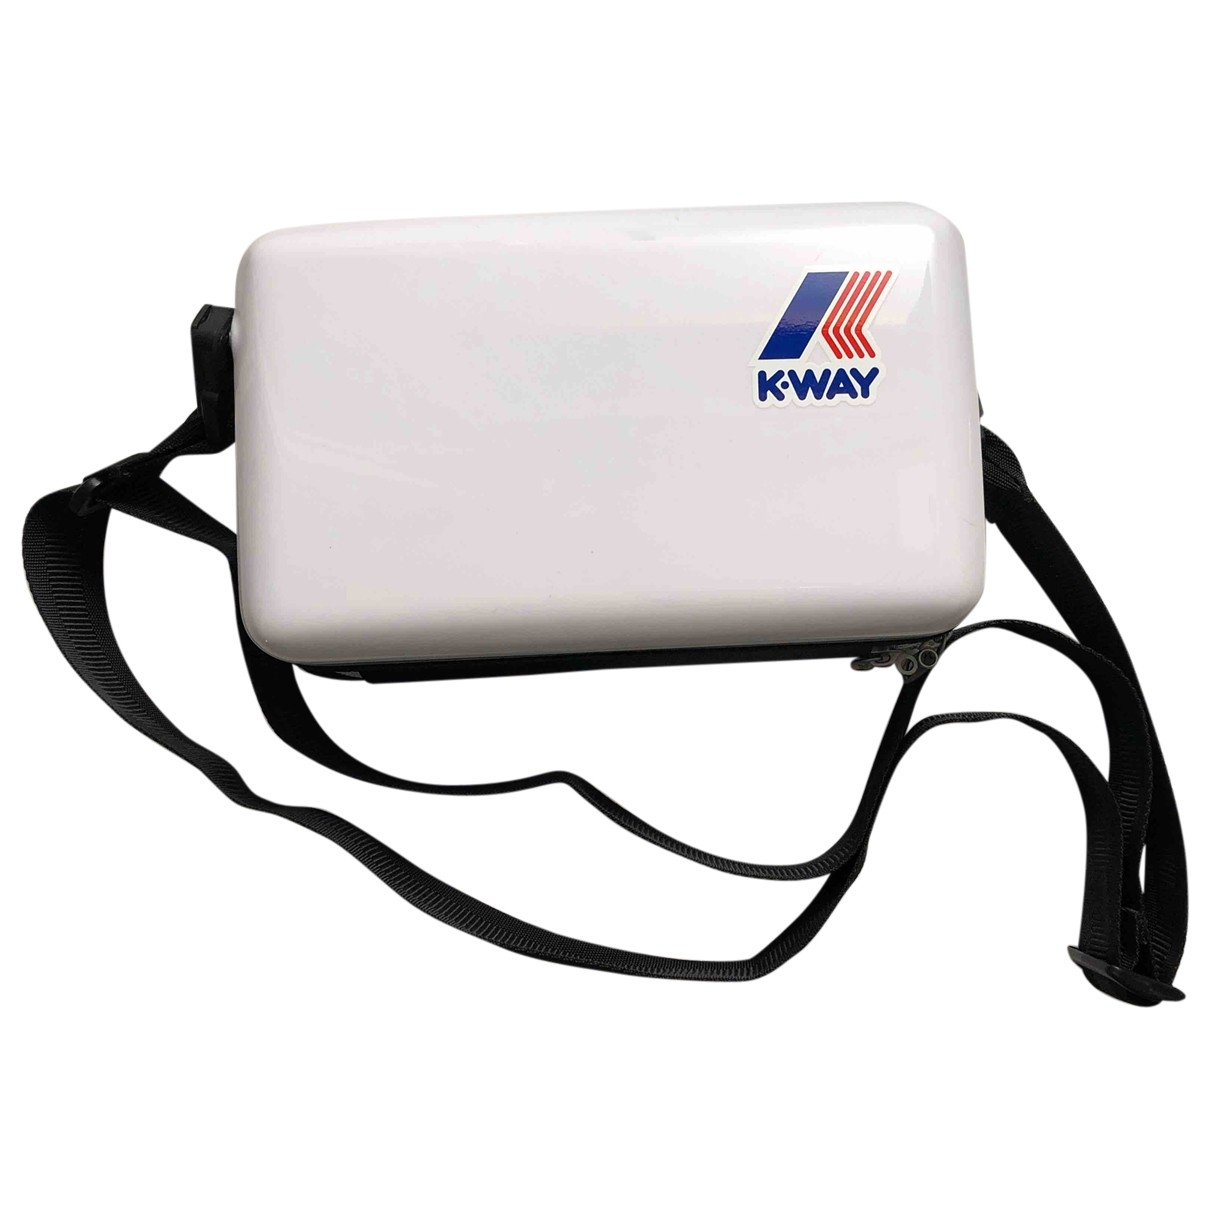 Bolsos clutch en Plastico Blanco K-way